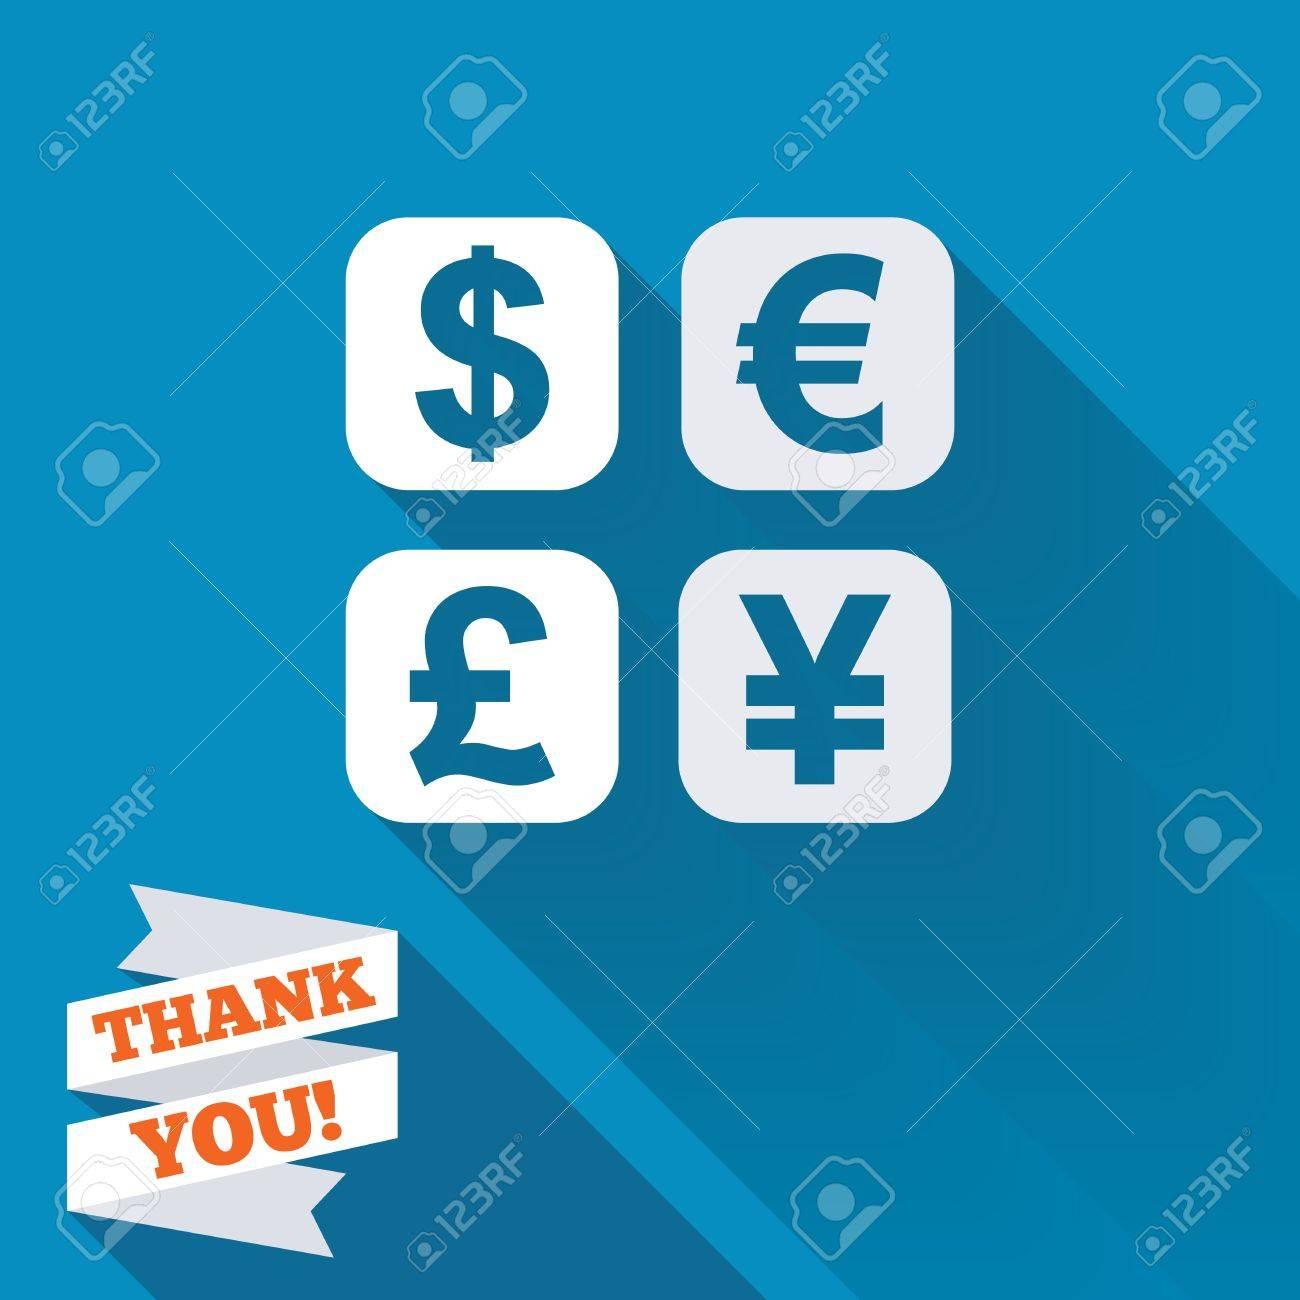 foto de archivo icono de signo de cambio de divisas smbolo de moneda convertidor etiqueta money blanco icono plana con una larga sombra